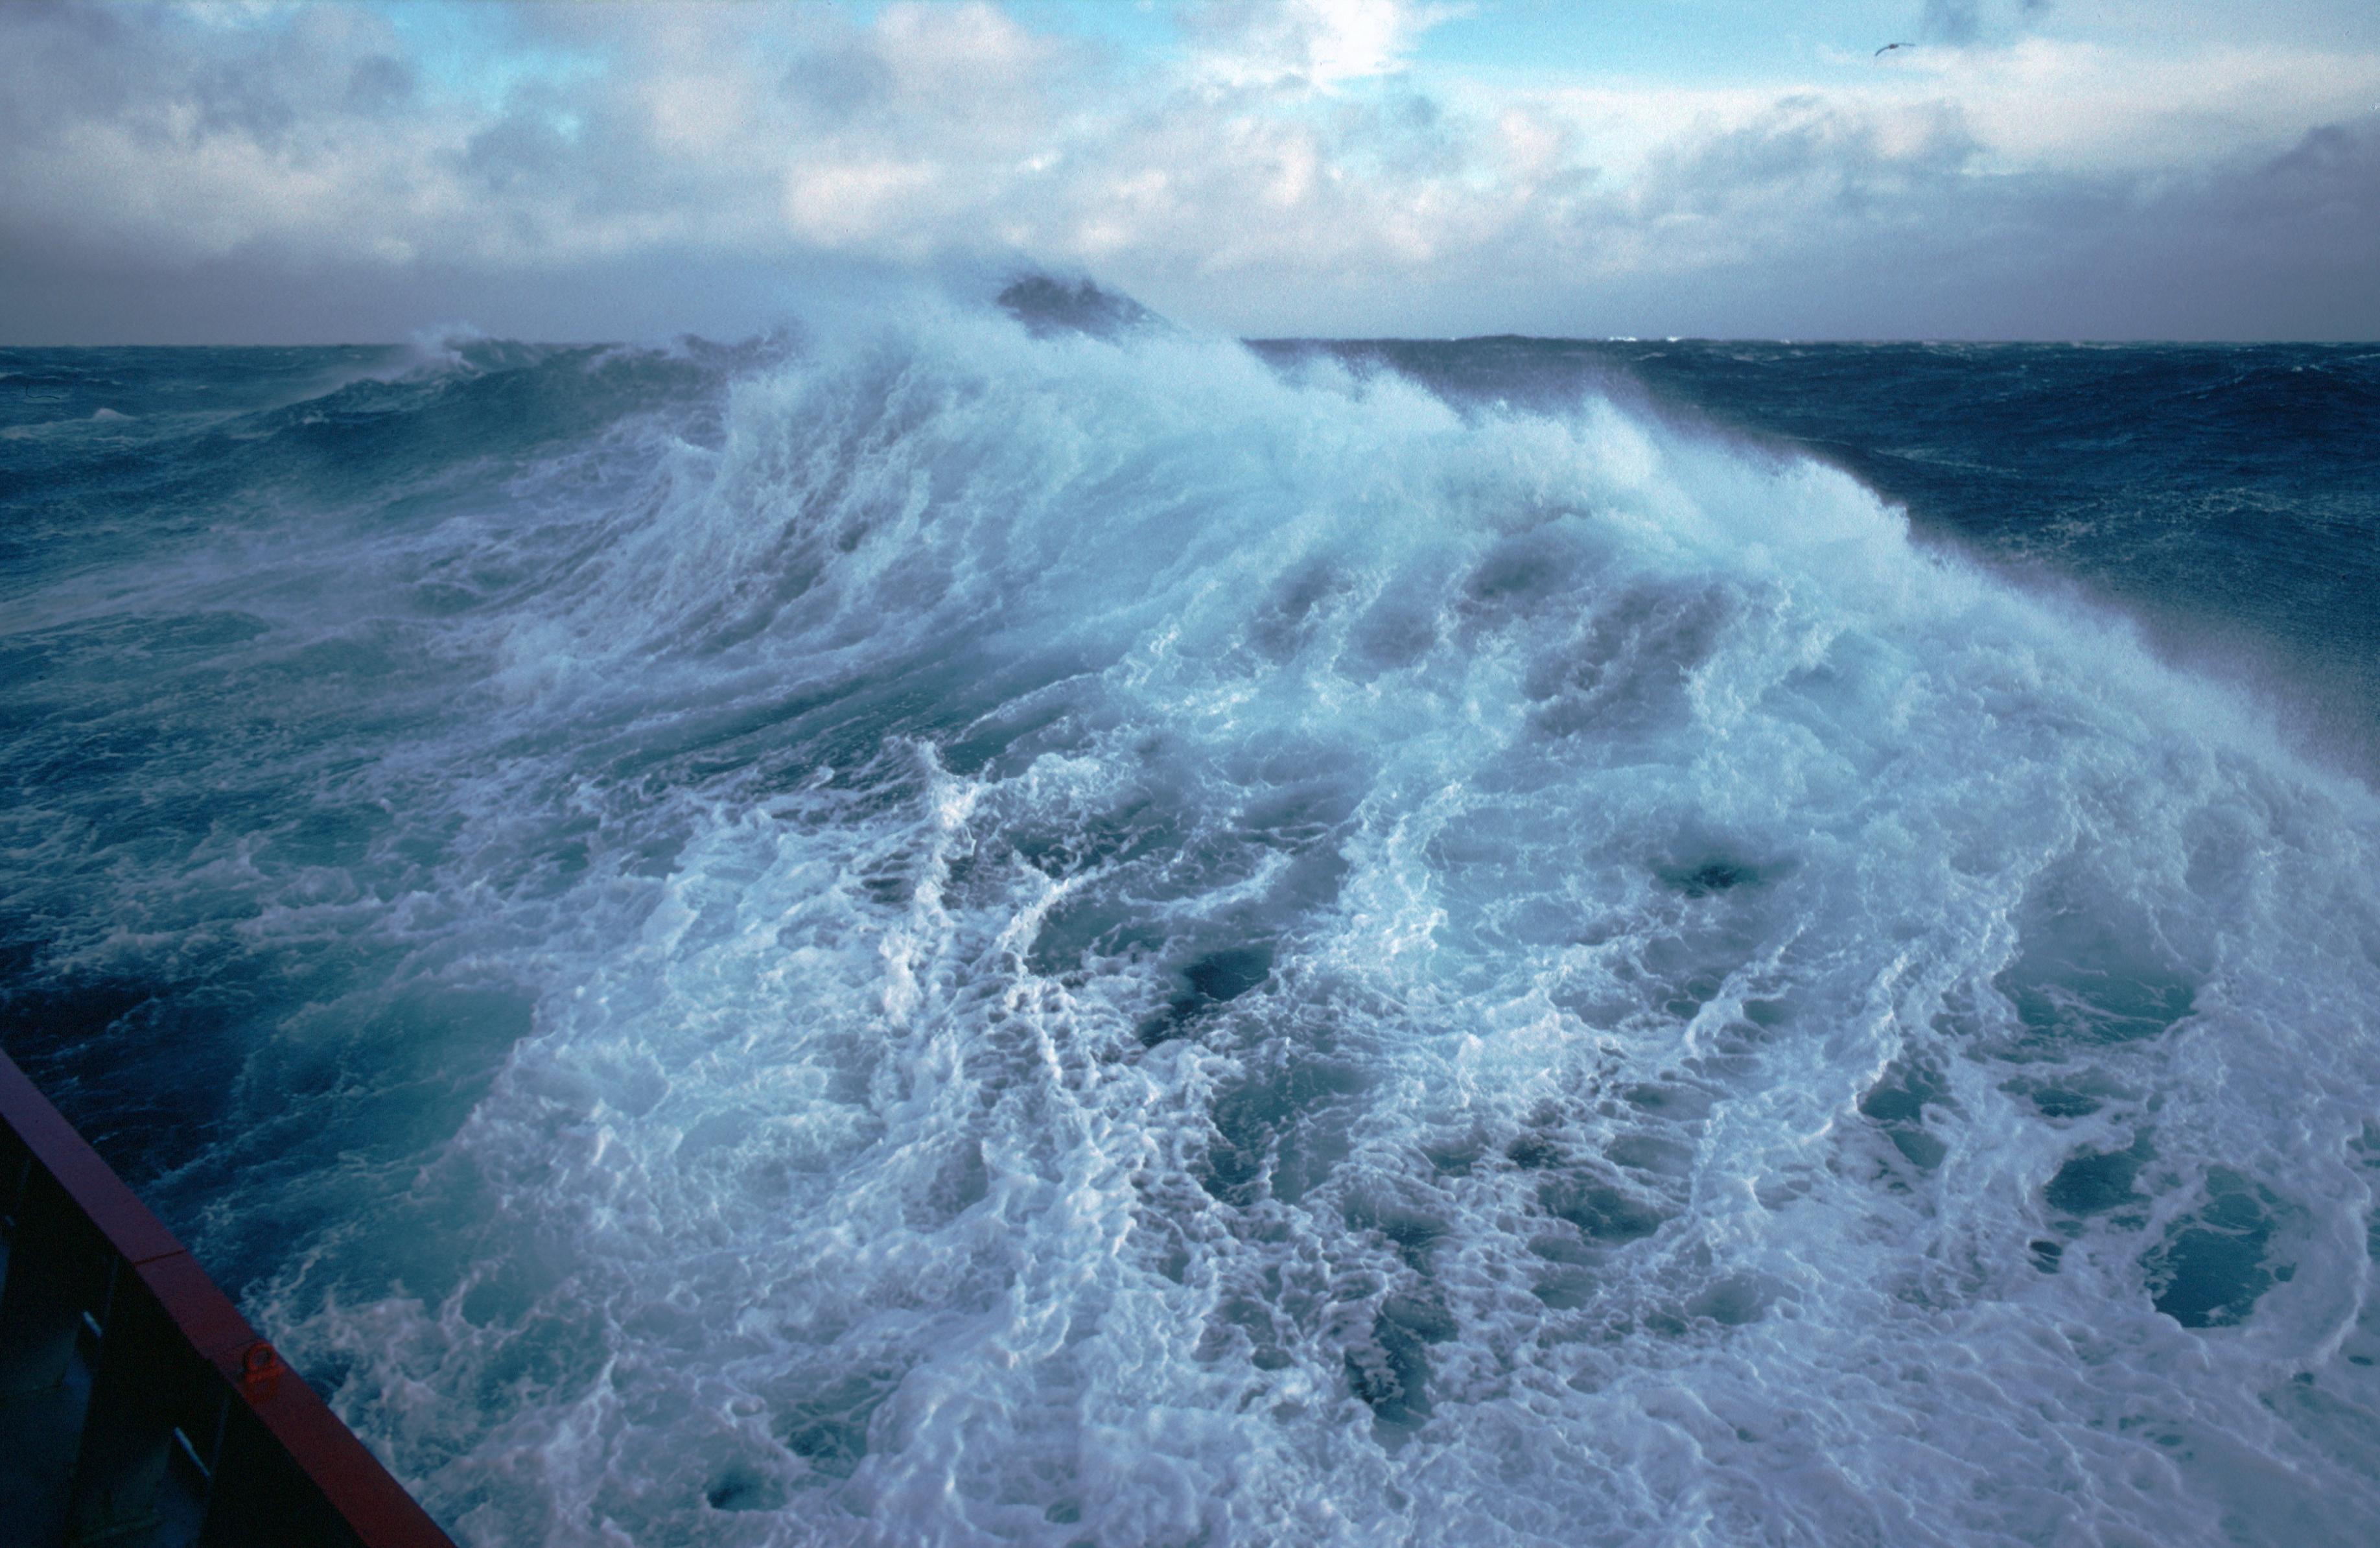 См алетта океан 11 фотография